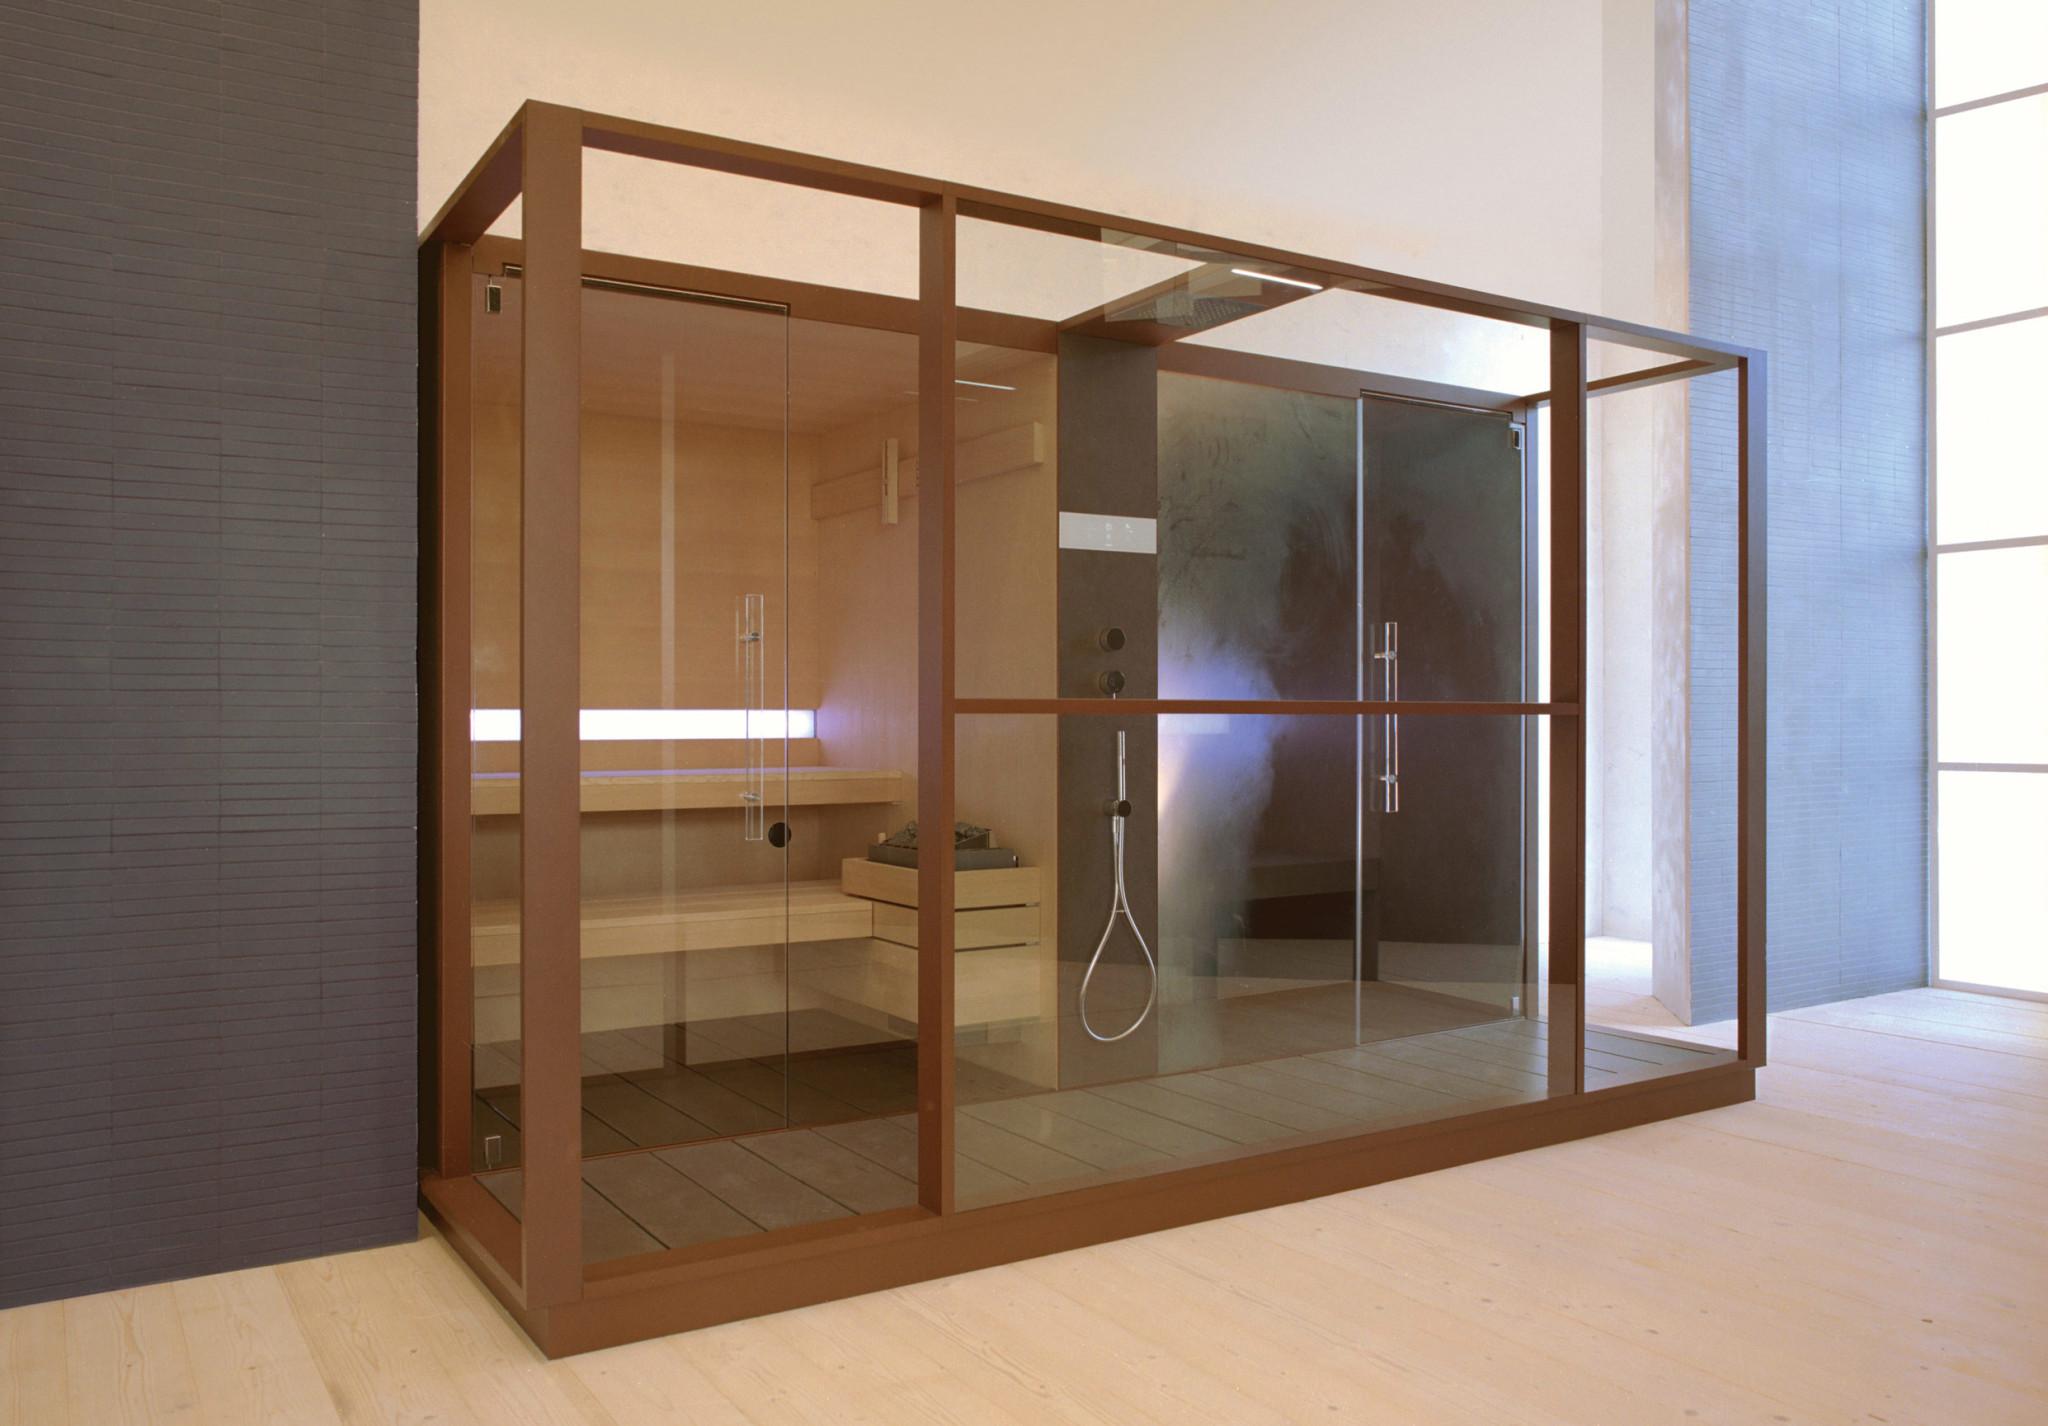 Cabine Doccia Sauna Combinate : Sistema sauna e hammam logica effegibi